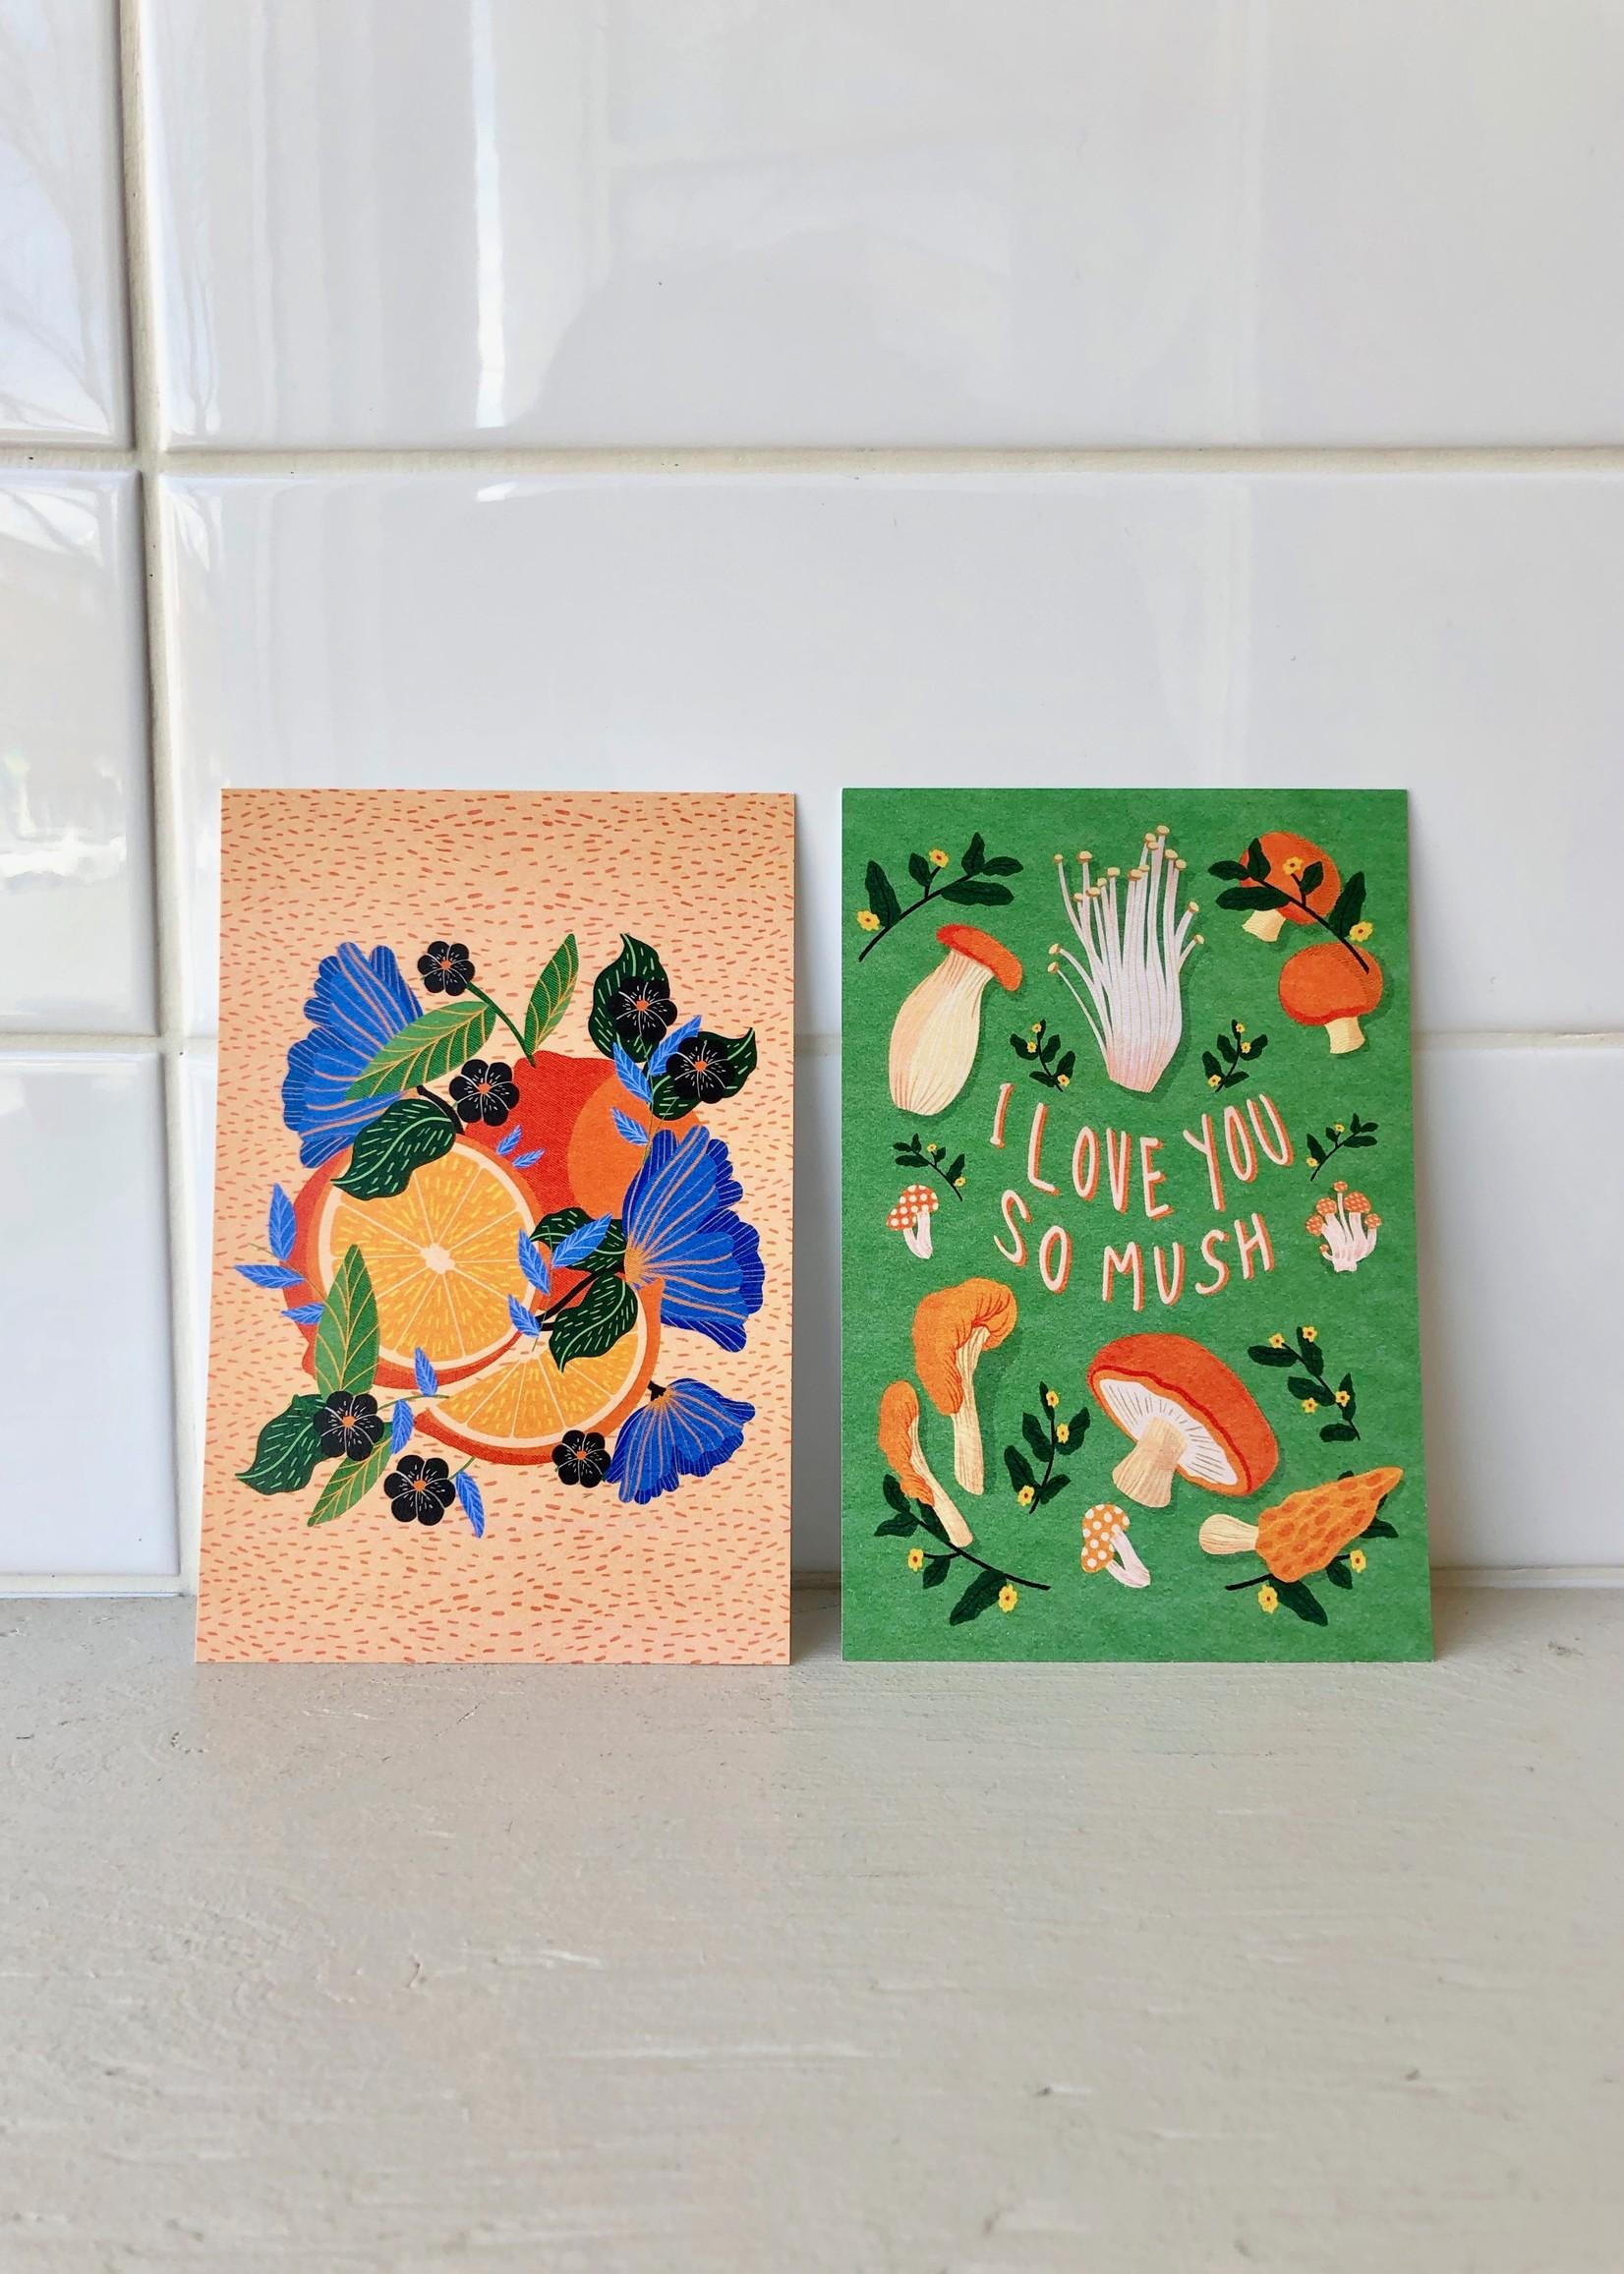 Spll Girl Cartes postales de Spll Girl